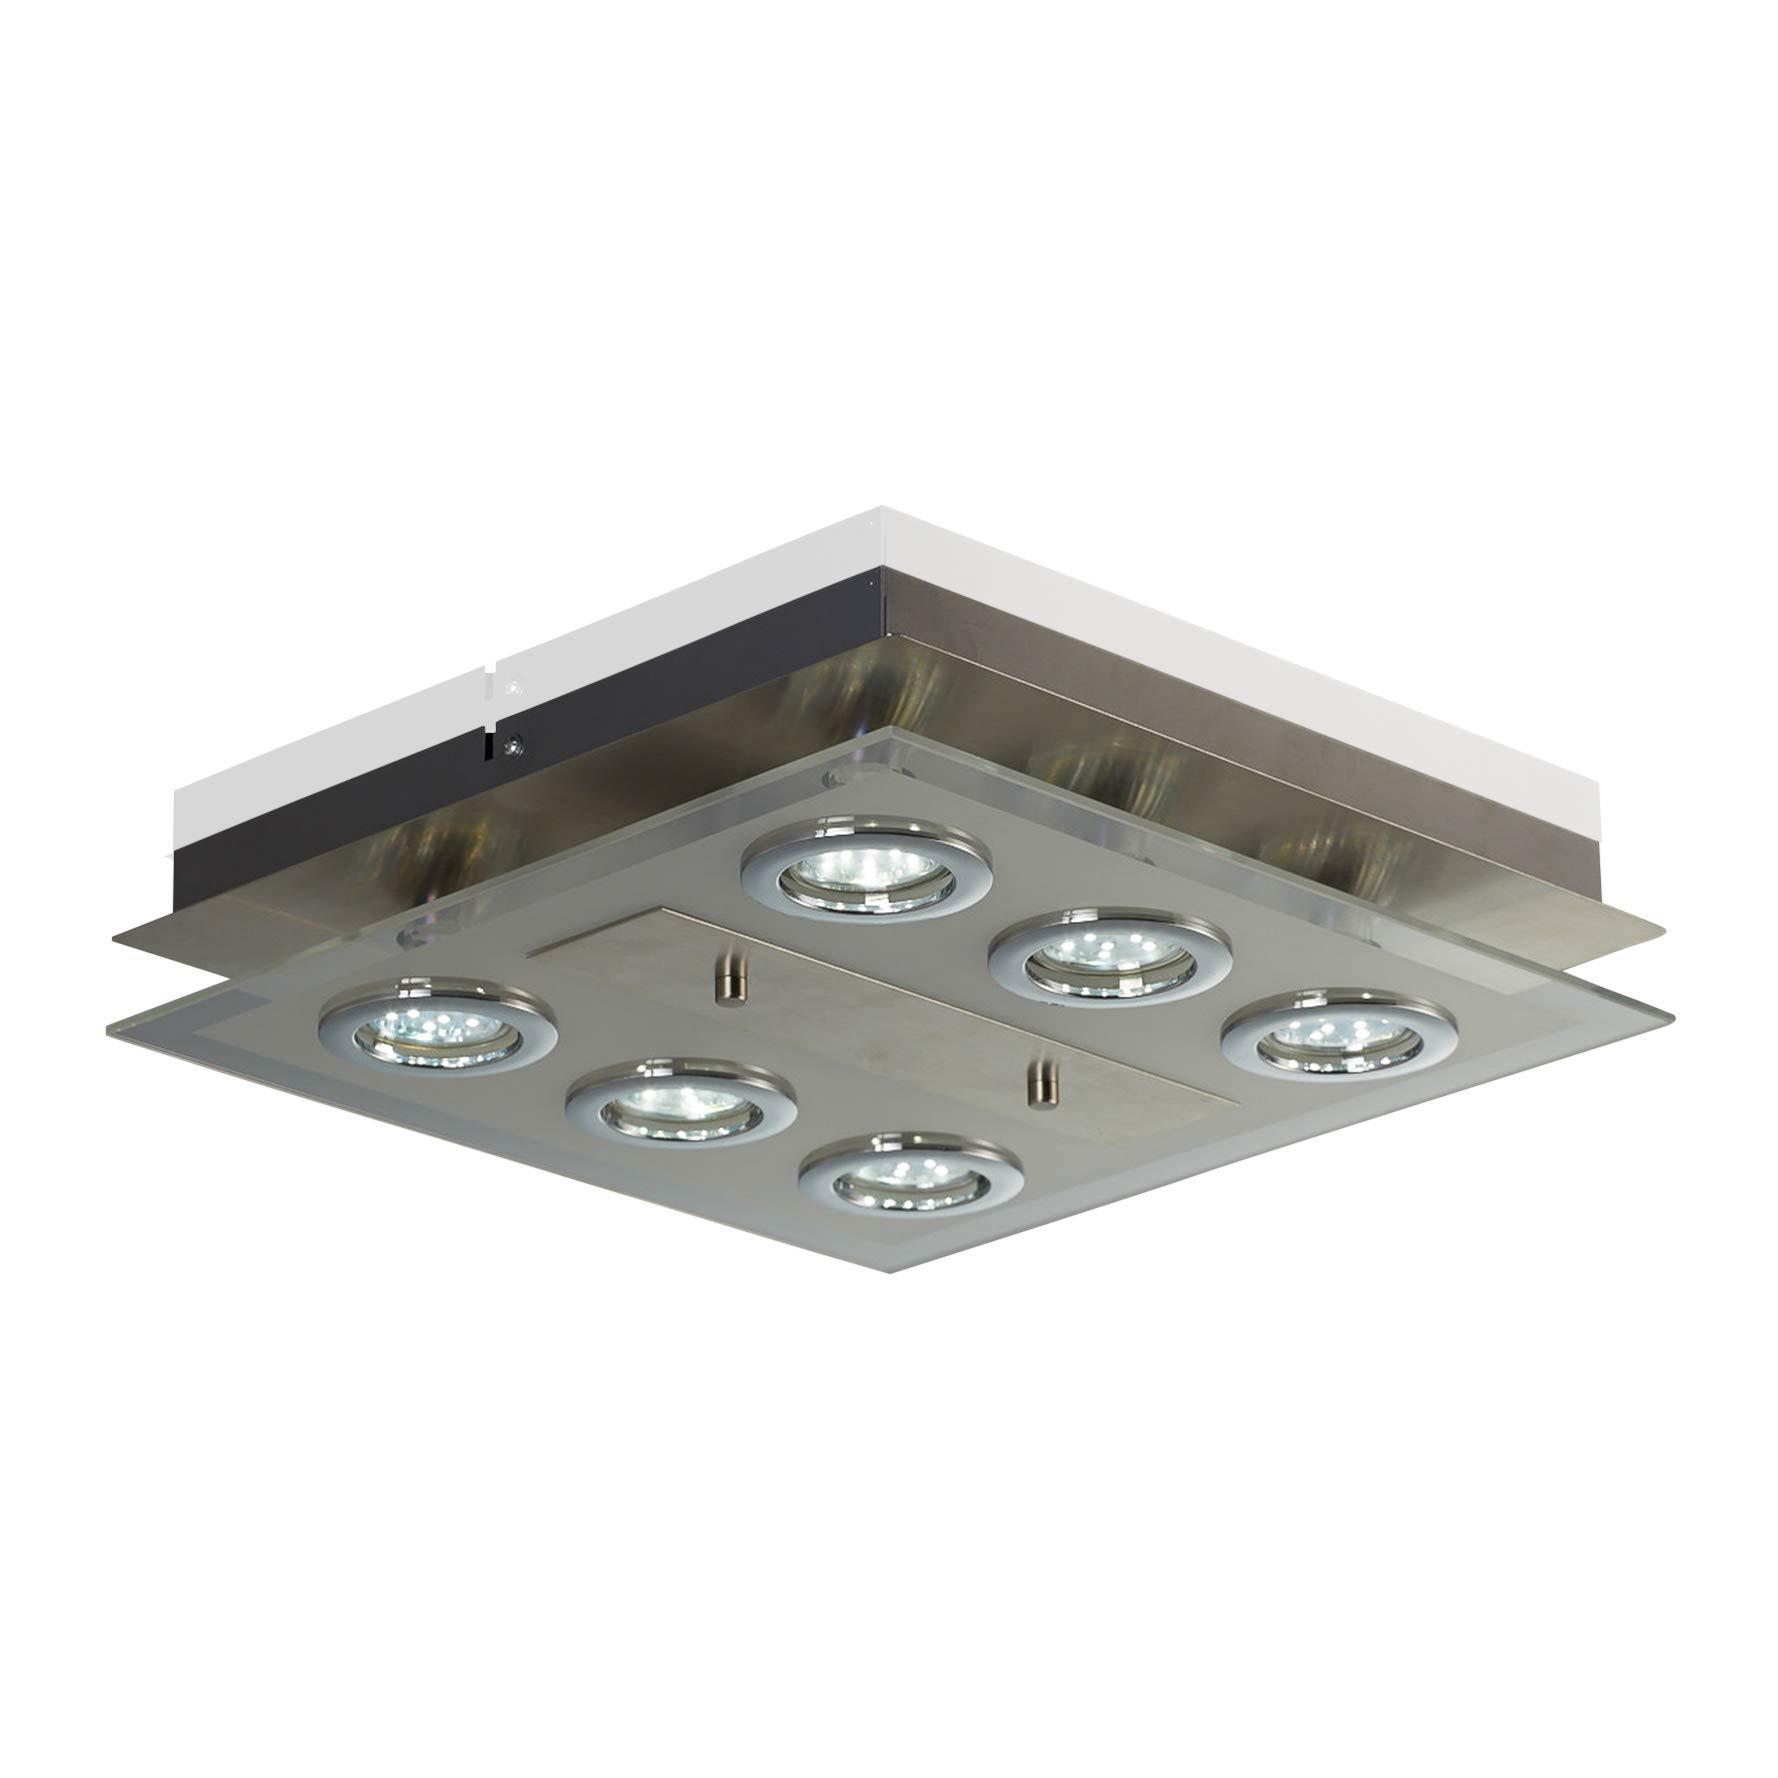 LED Deckenleuchte 6 x GU6 6W Lampe Deckenlampe LED Deckenleuchte Strahler  Spots Wohnzimmerlampe eckig matt Nickel